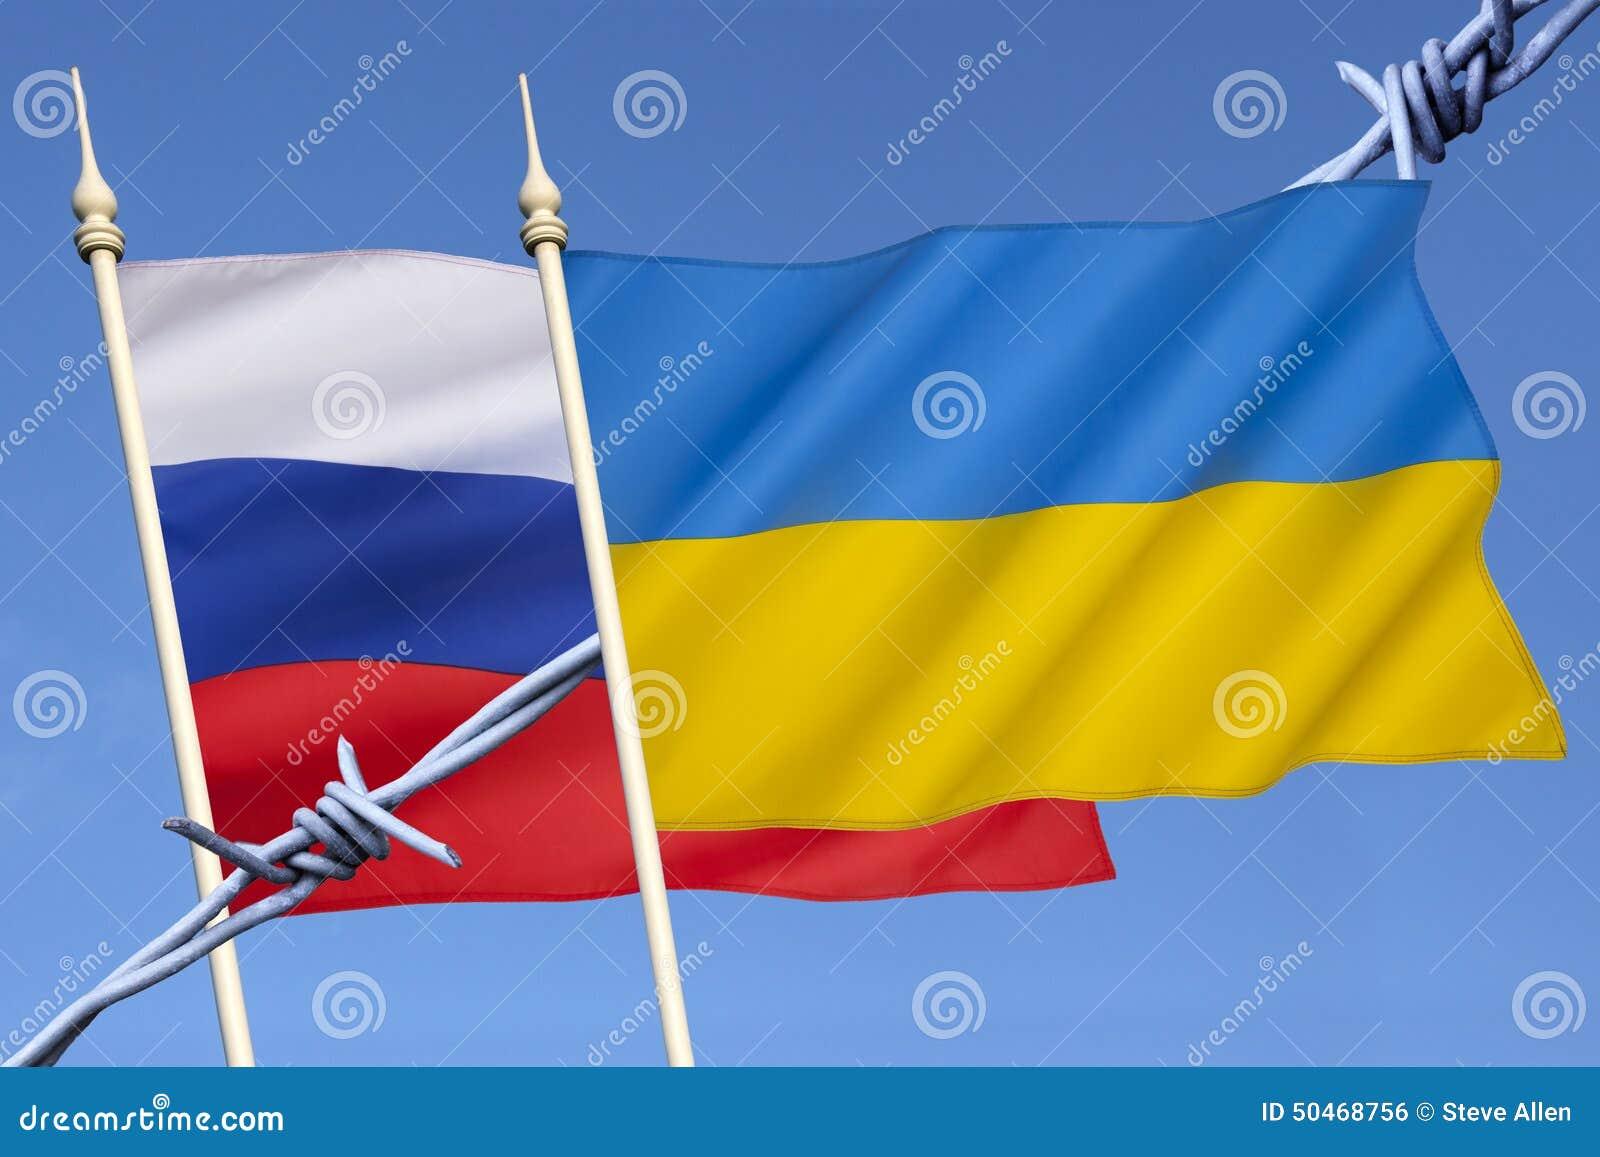 俄罗斯和乌克兰冲突